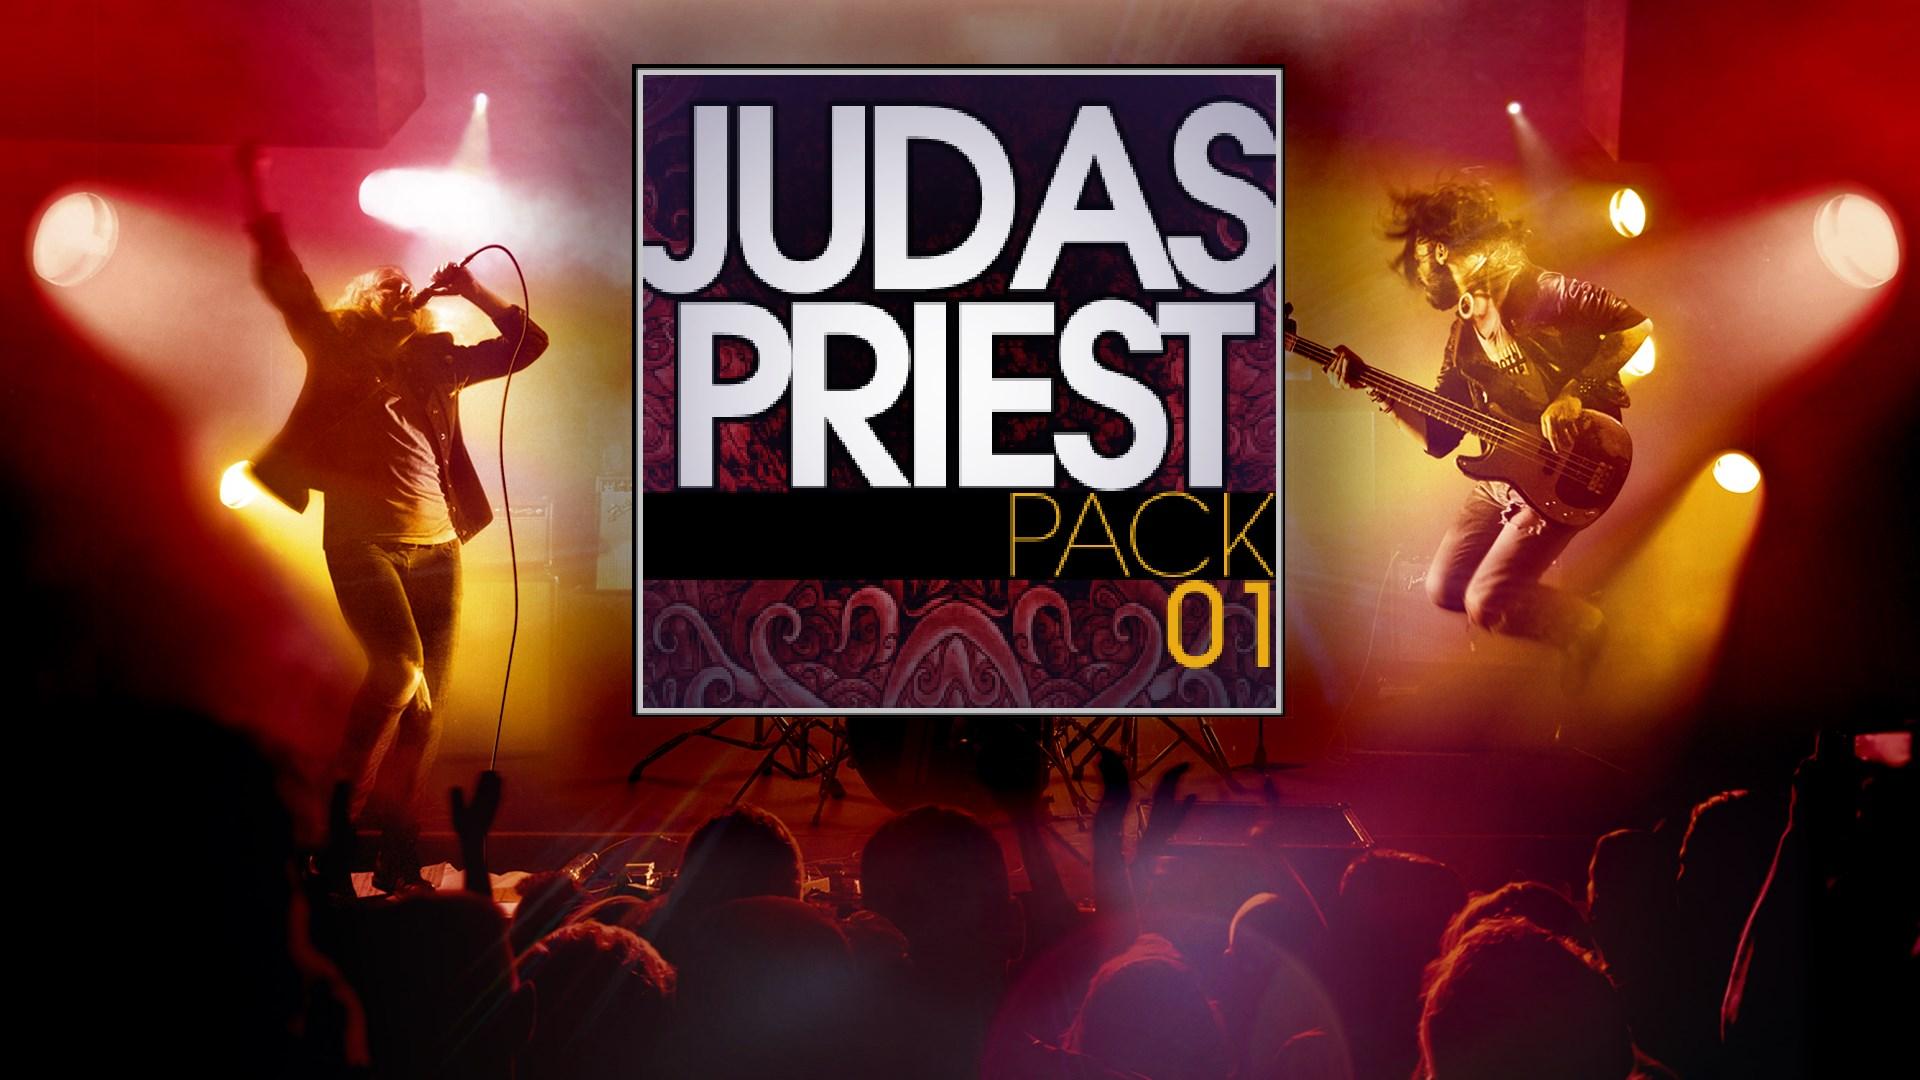 Judas Priest Pack 01